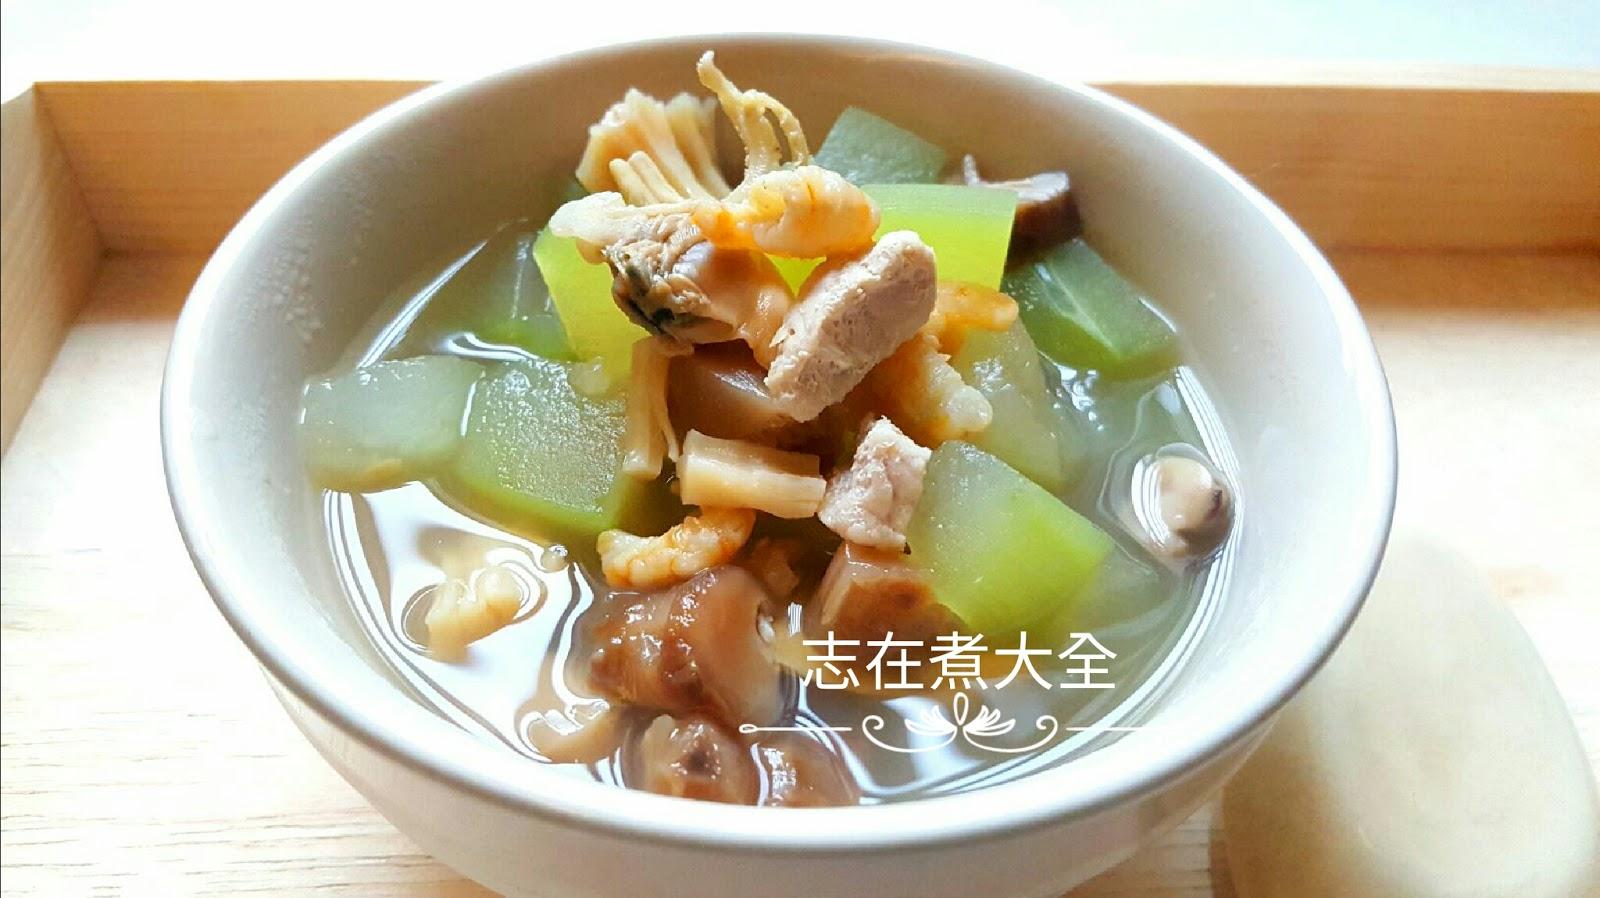 志在煮大全: 粒粒冬瓜海味瘦肉湯